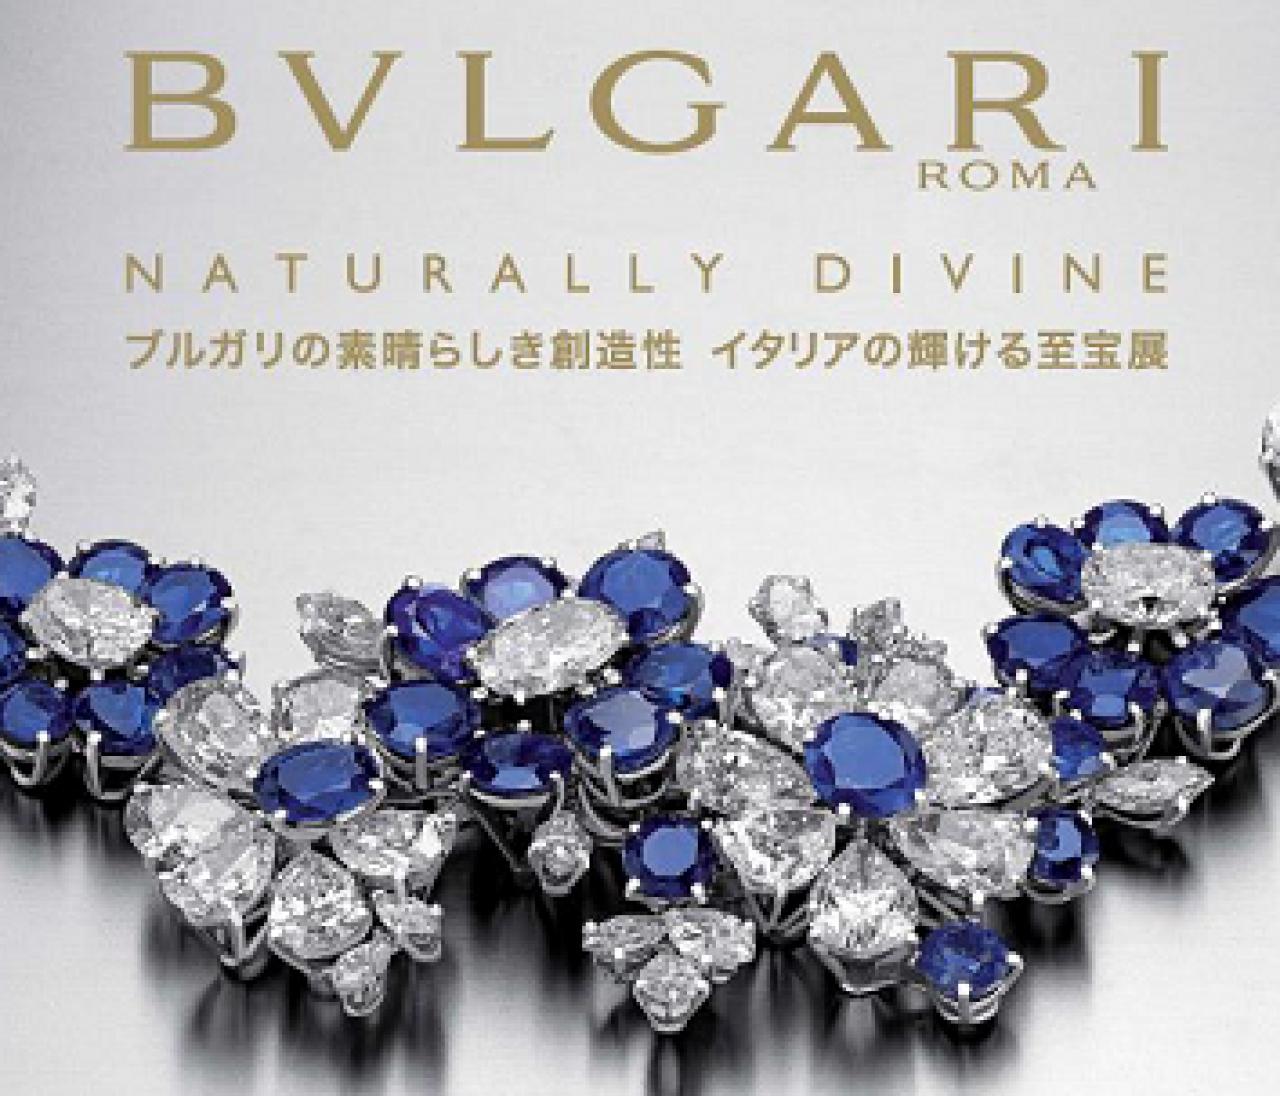 ブルガリの至宝が阪急うめだ本店に結集。美しくまばゆい展覧会が10月26日より開催中